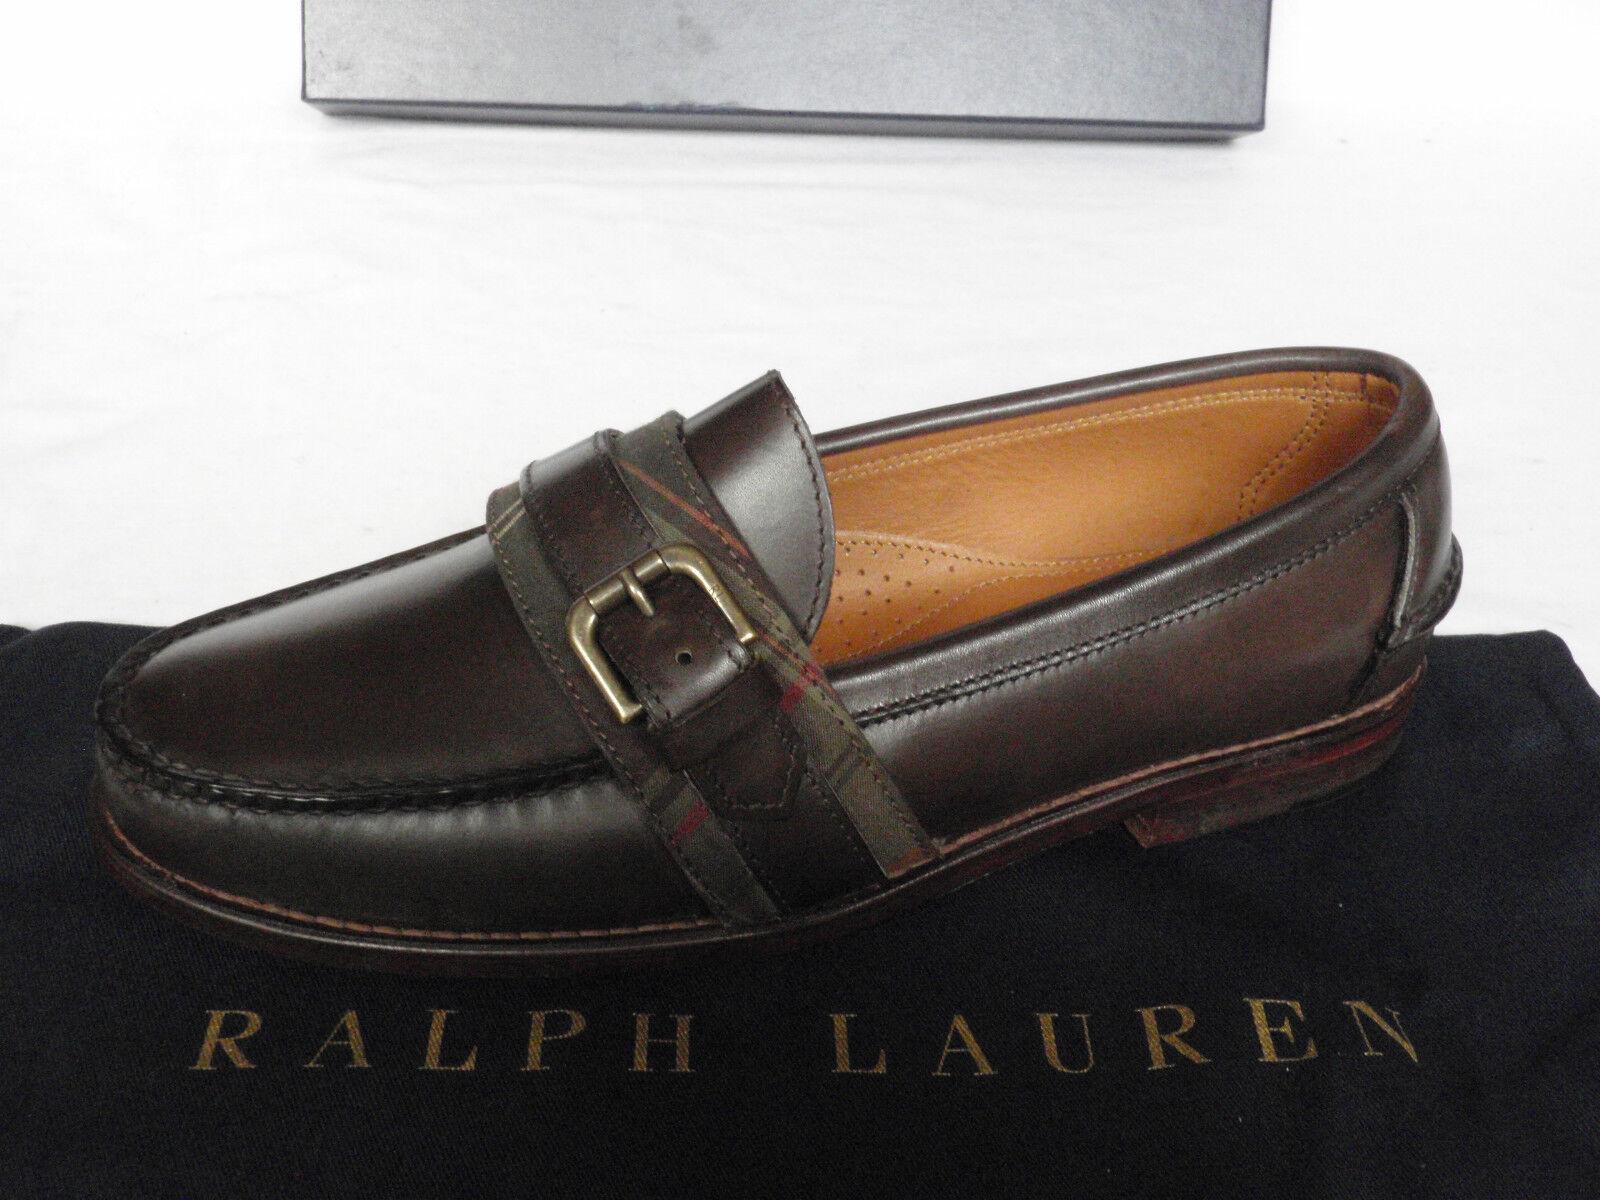 NEW Mens braun RALPH LAUREN Dark braun Mens Leather Buckle Loafer schuhe UK 8.5 E abb026